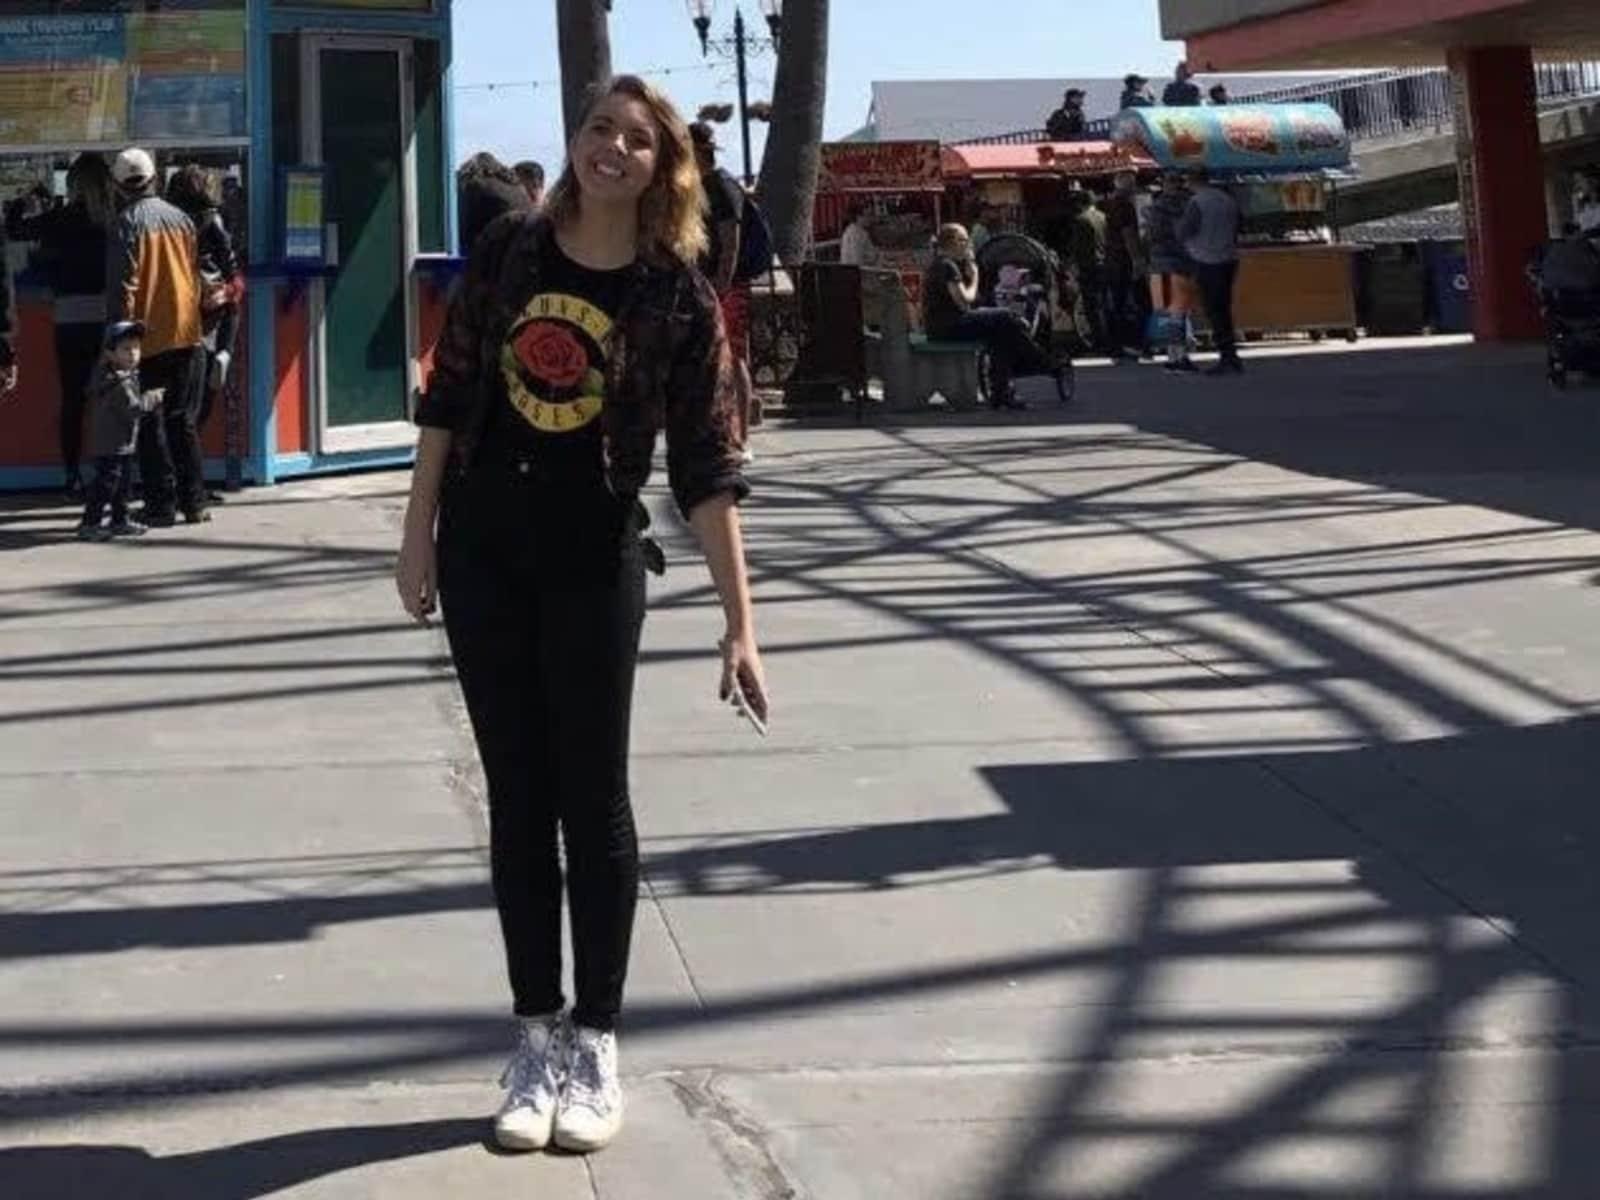 Carolyn from Melbourne, Victoria, Australia